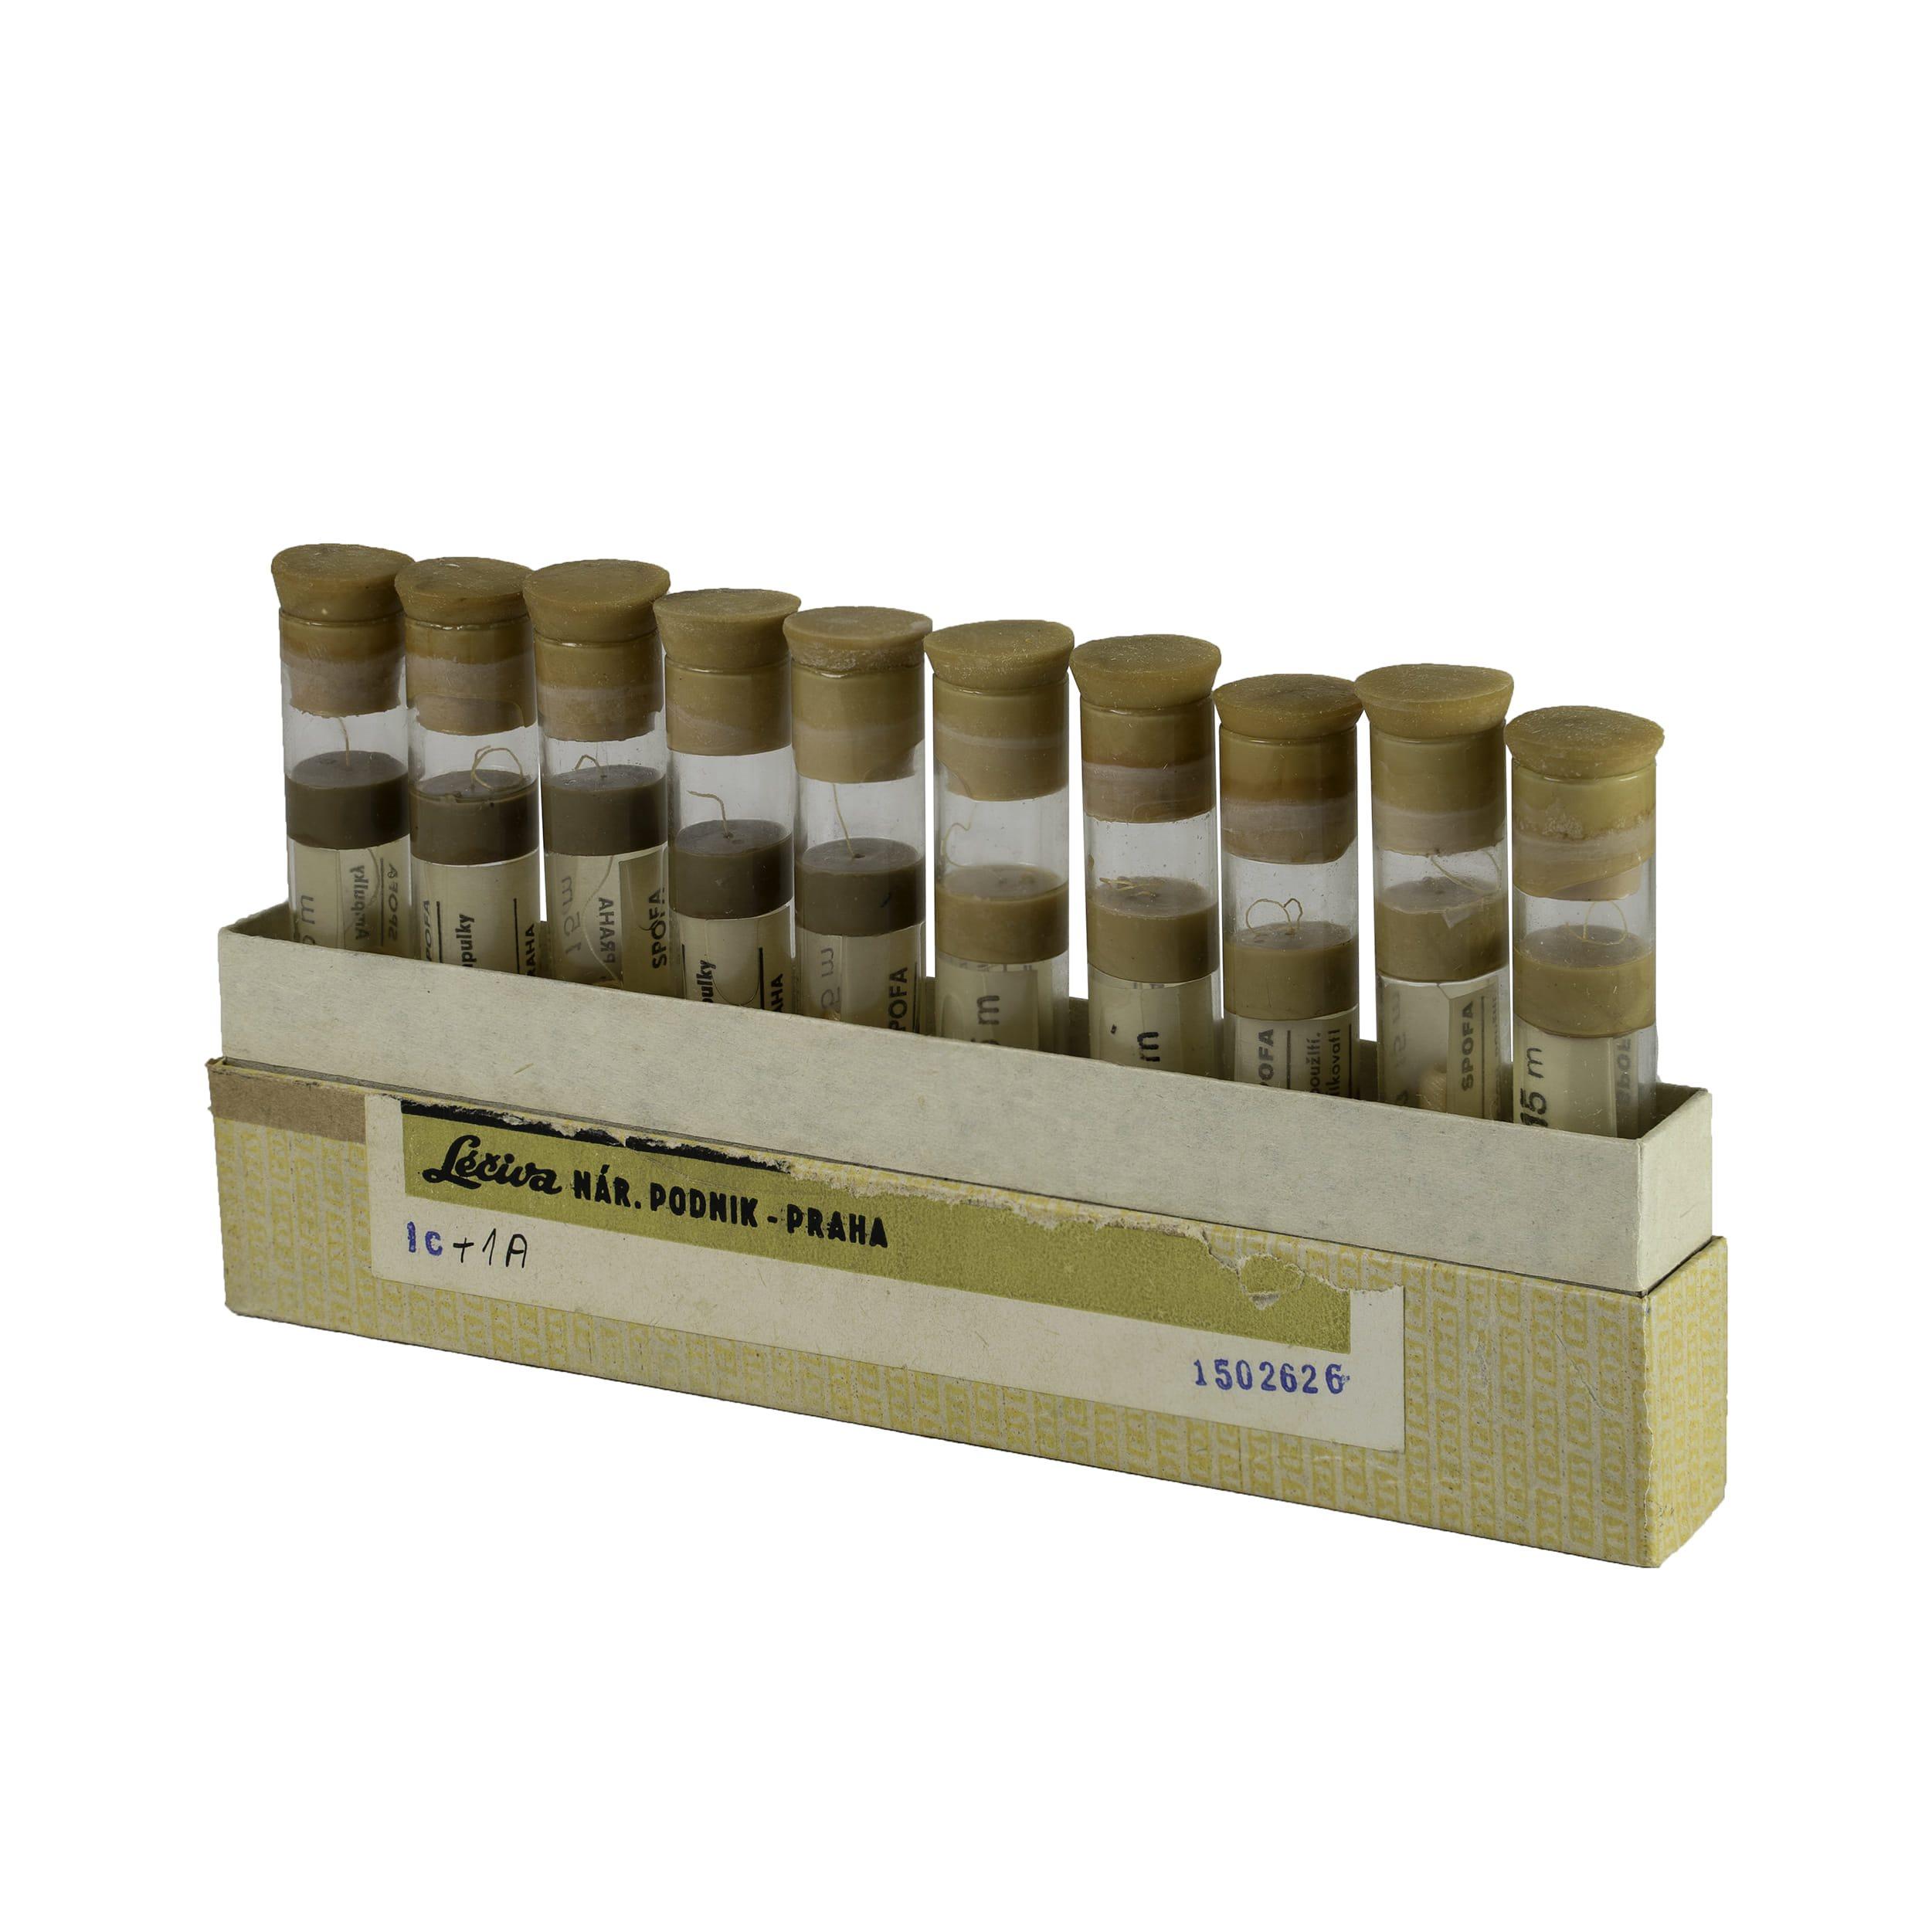 Hedvábí sterilní skané vlákno v konzervačním roztoku 10 rourek  502626 L-11